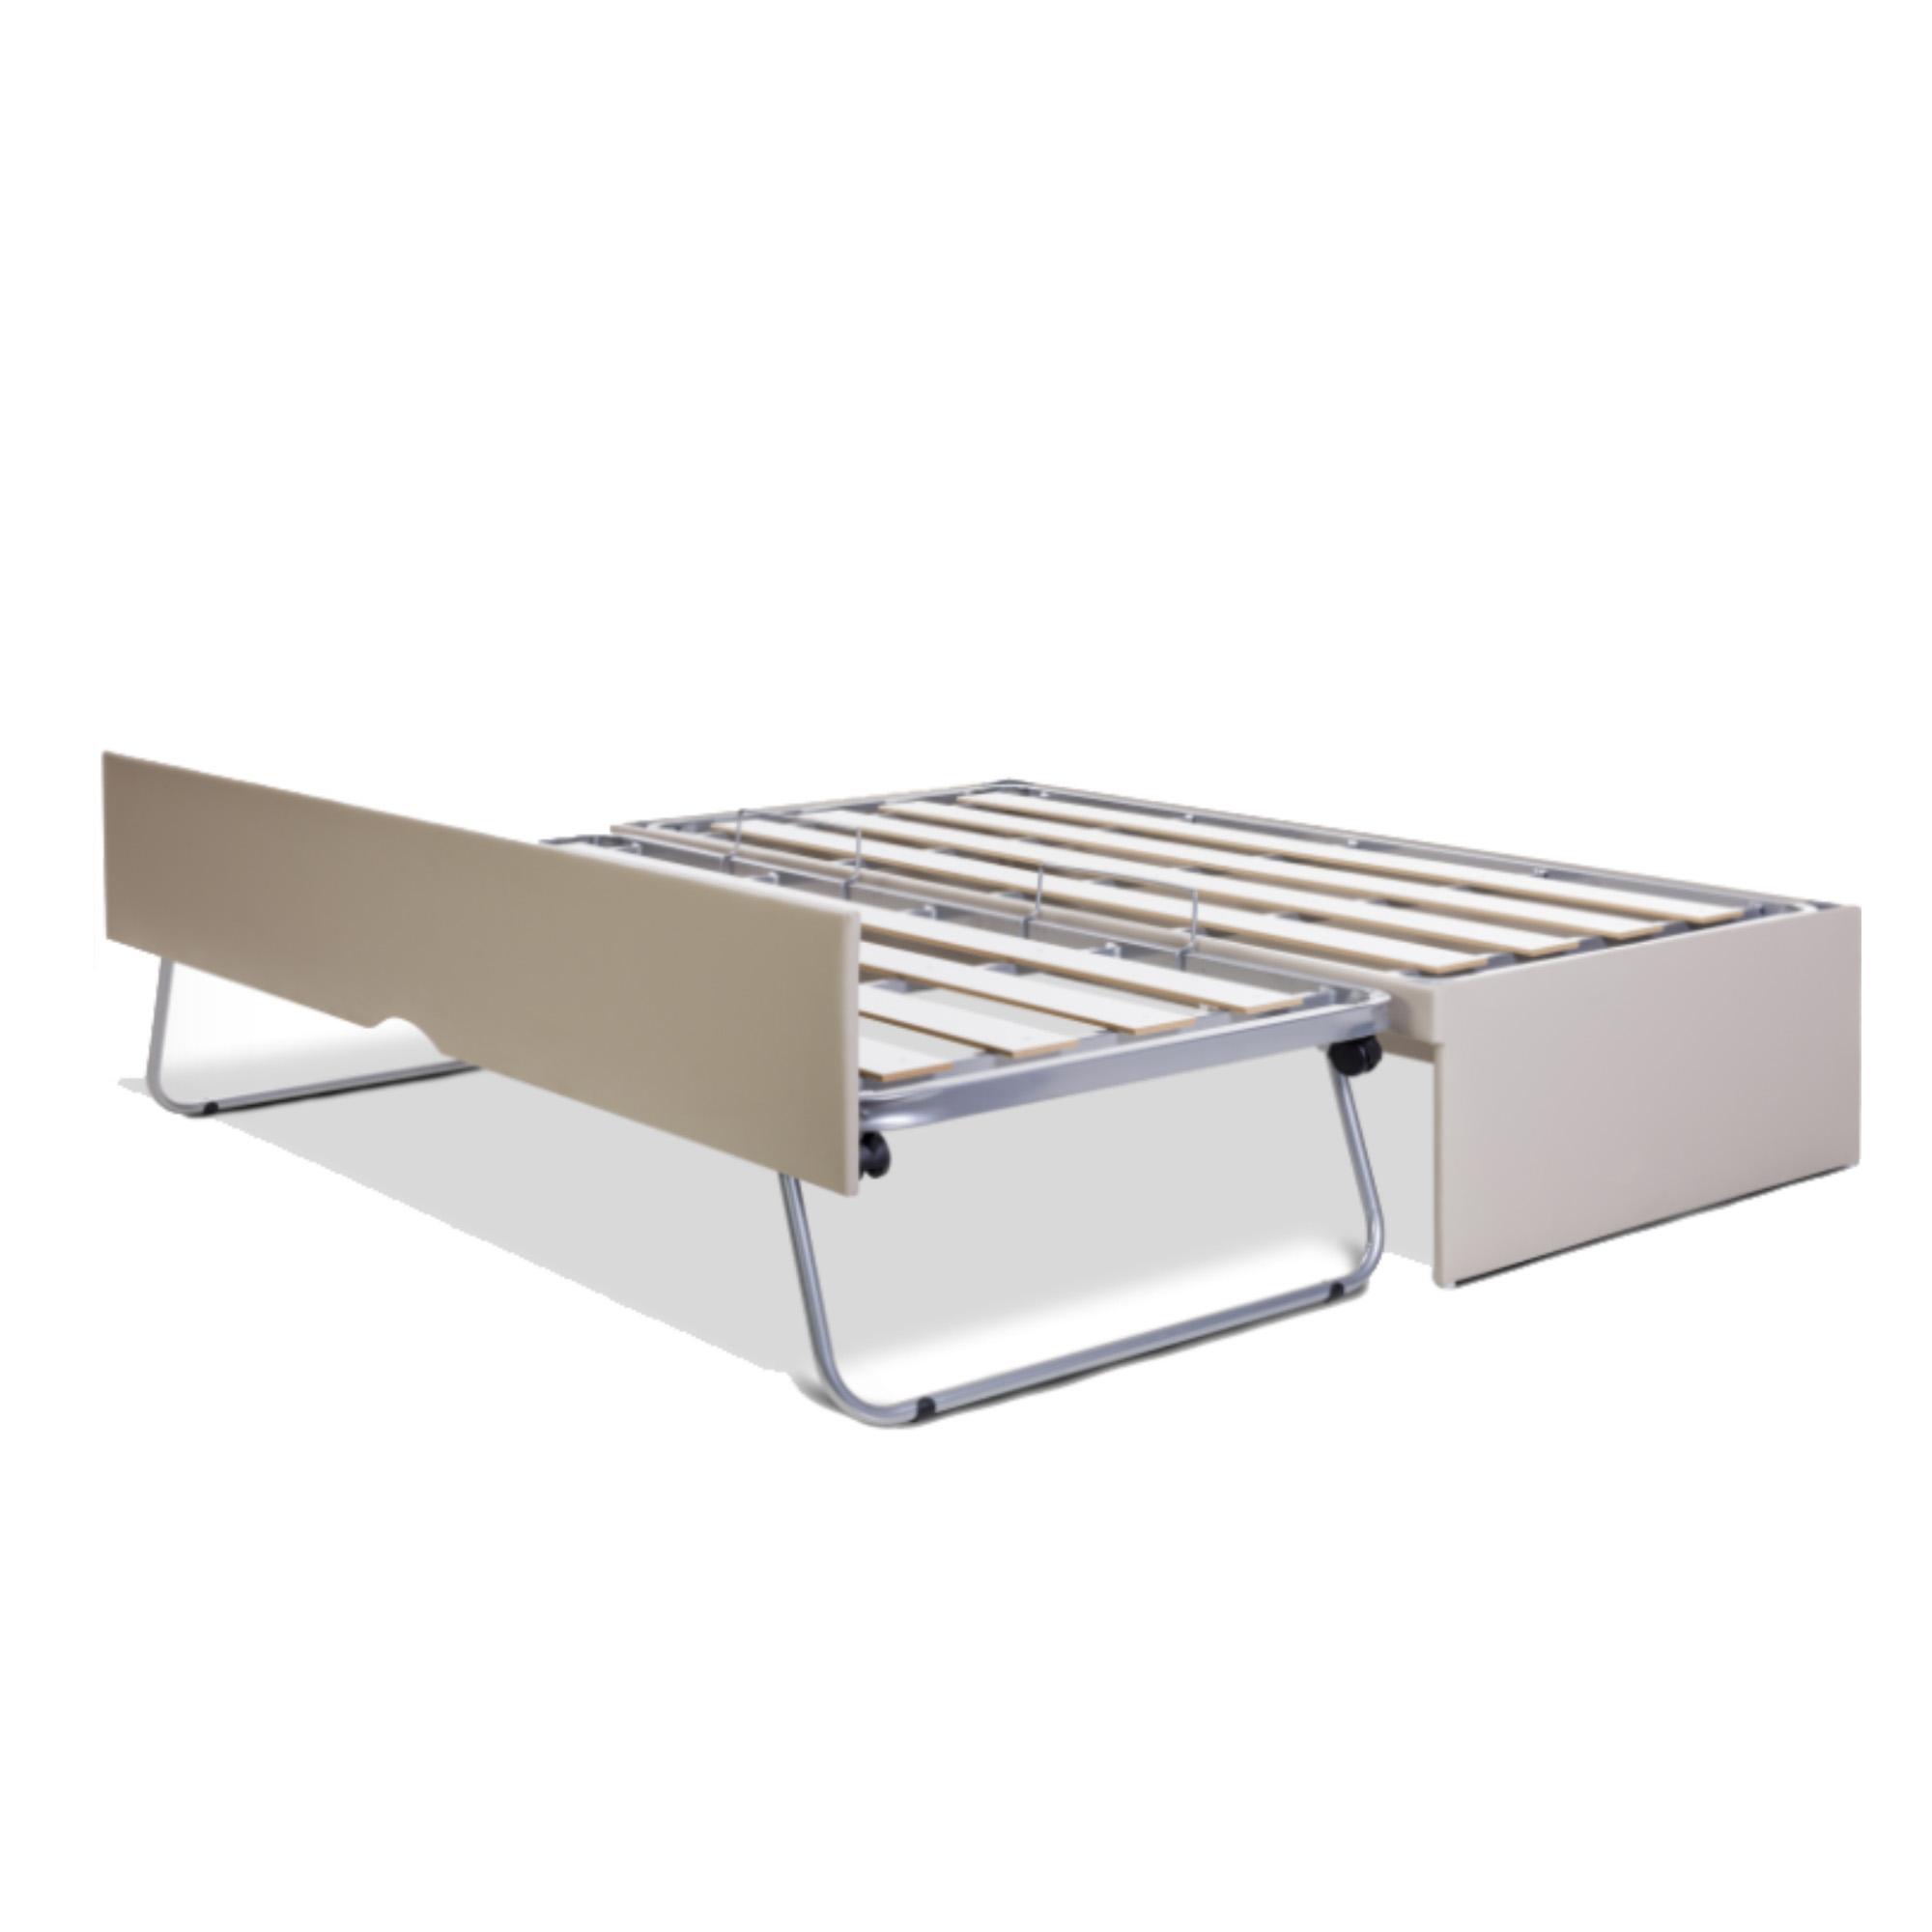 Box Bicama Prime Flat, Cinza Platinum, Pilati, Solteiro 088 x 188 cm